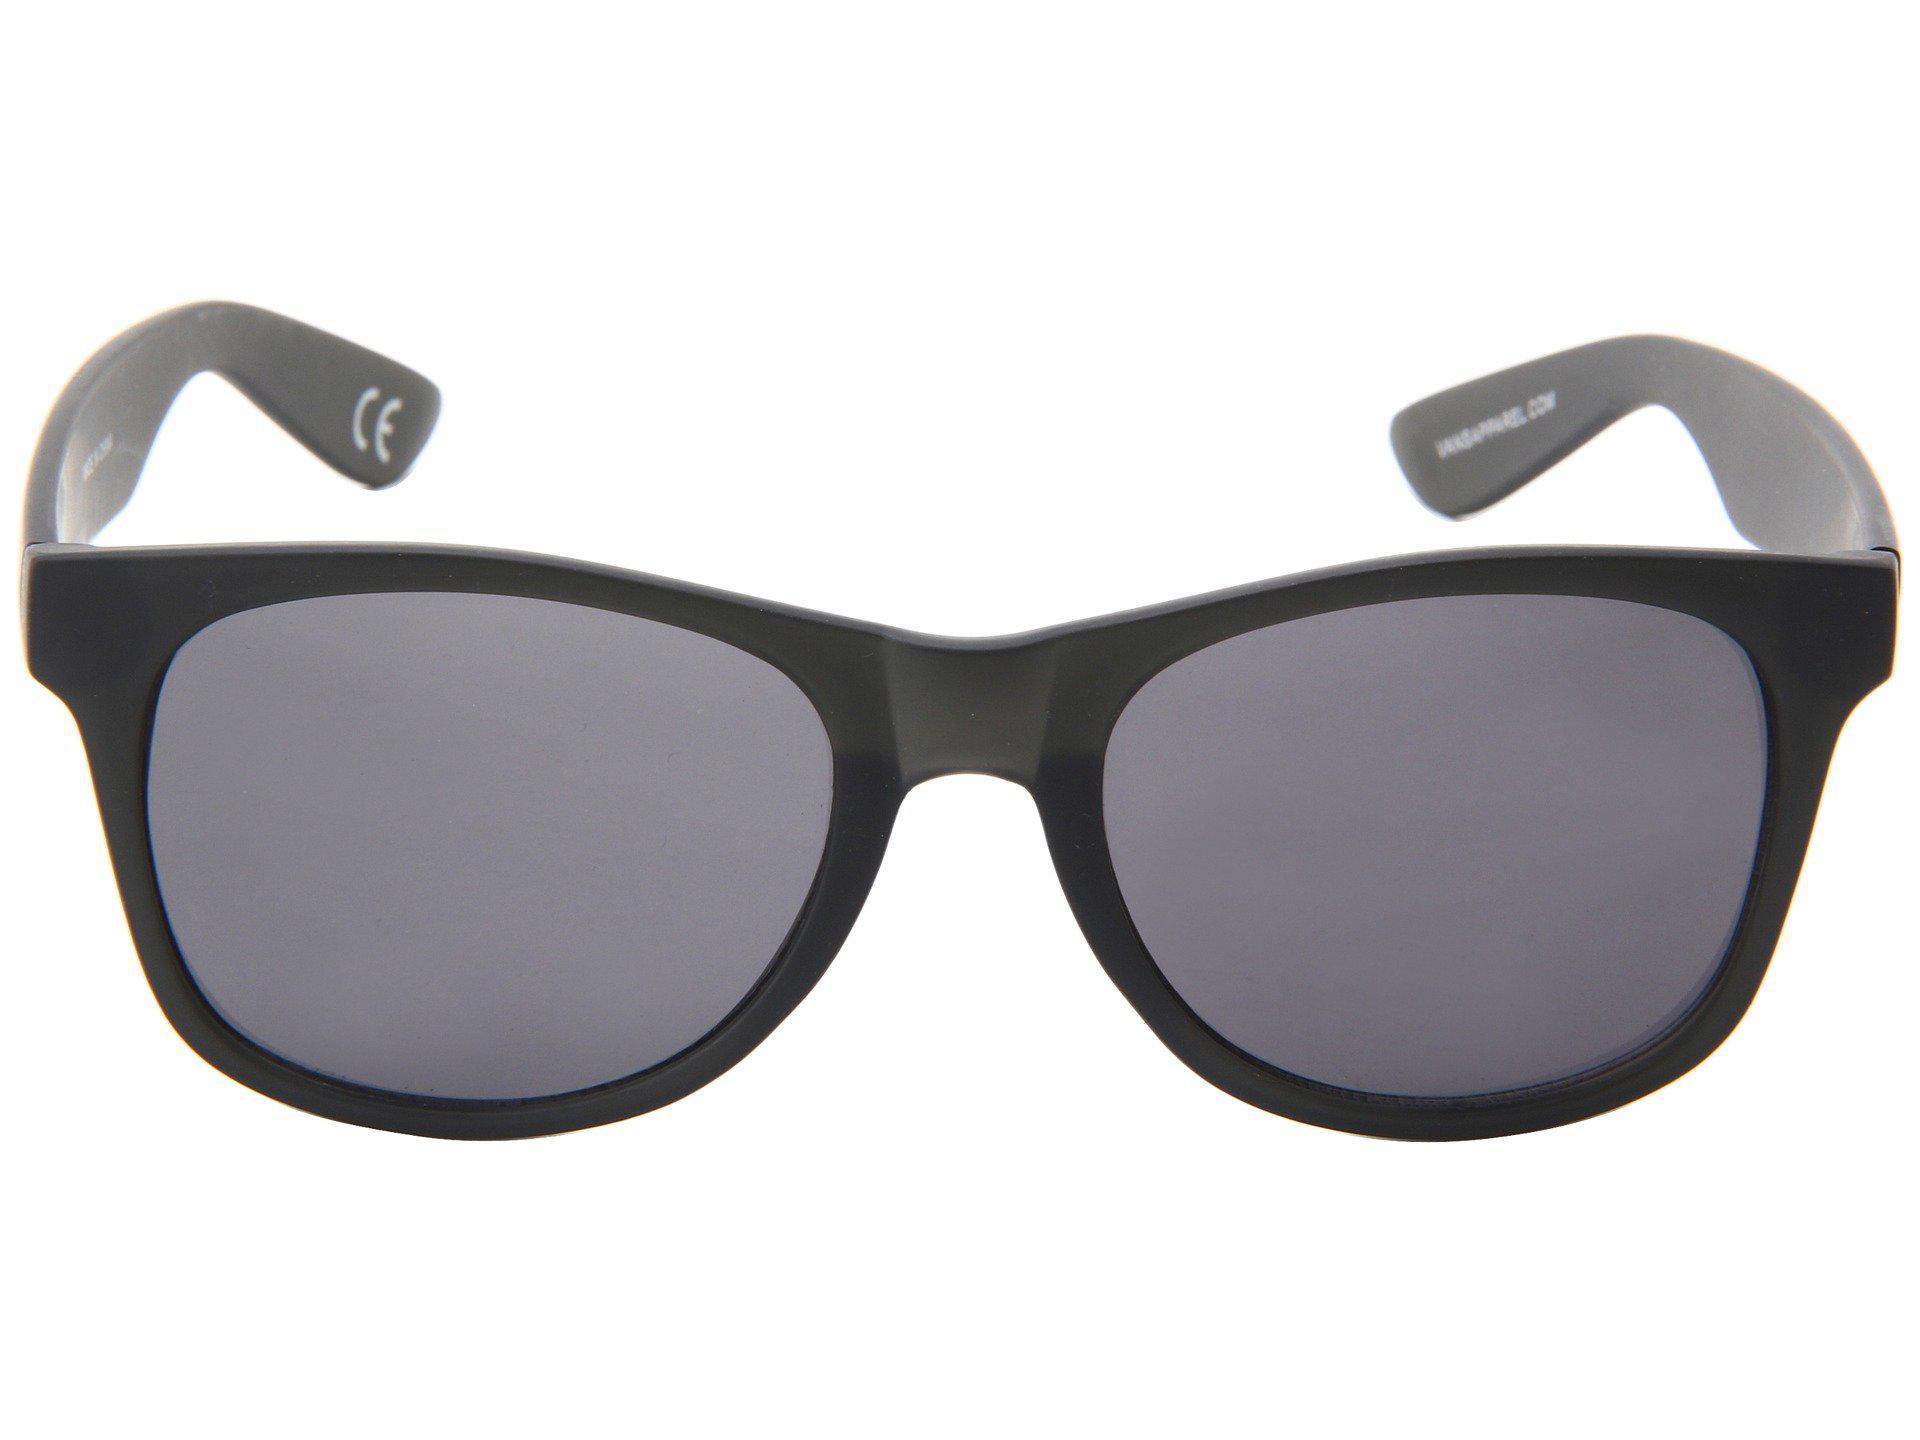 7748d4f73adb9d Vans - Spicoli 4 Shades (matte Black silver Mirror) Sport Sunglasses -  Lyst. View fullscreen